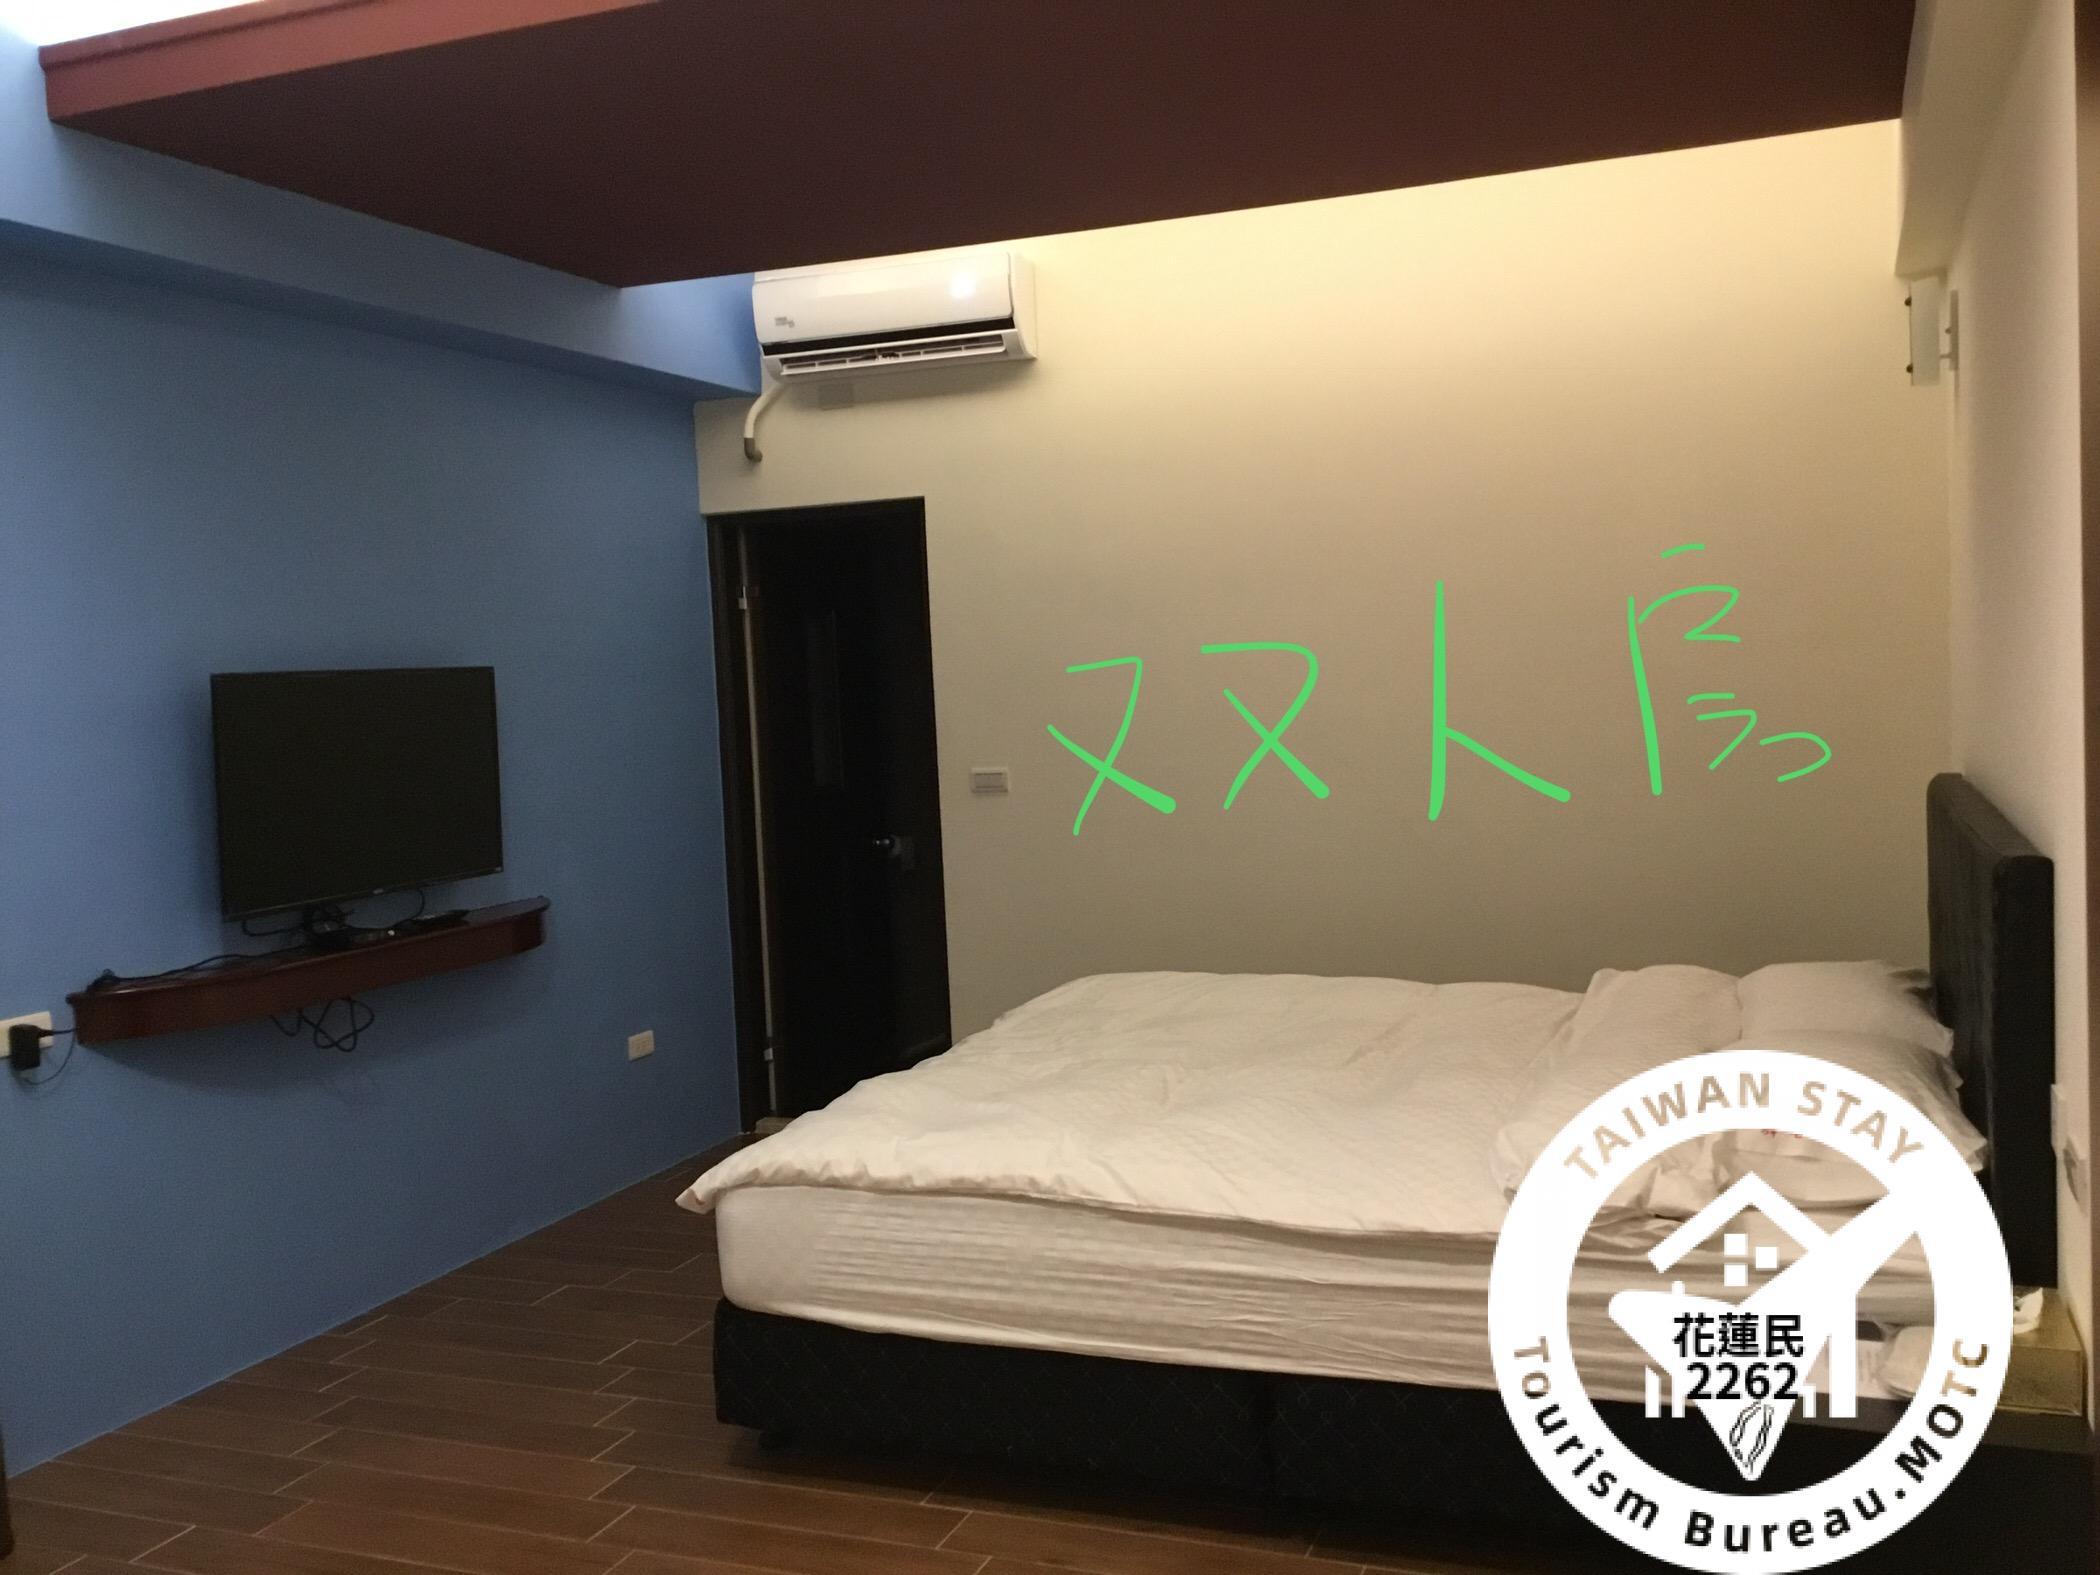 Yi-Xiang Yuan Guest House